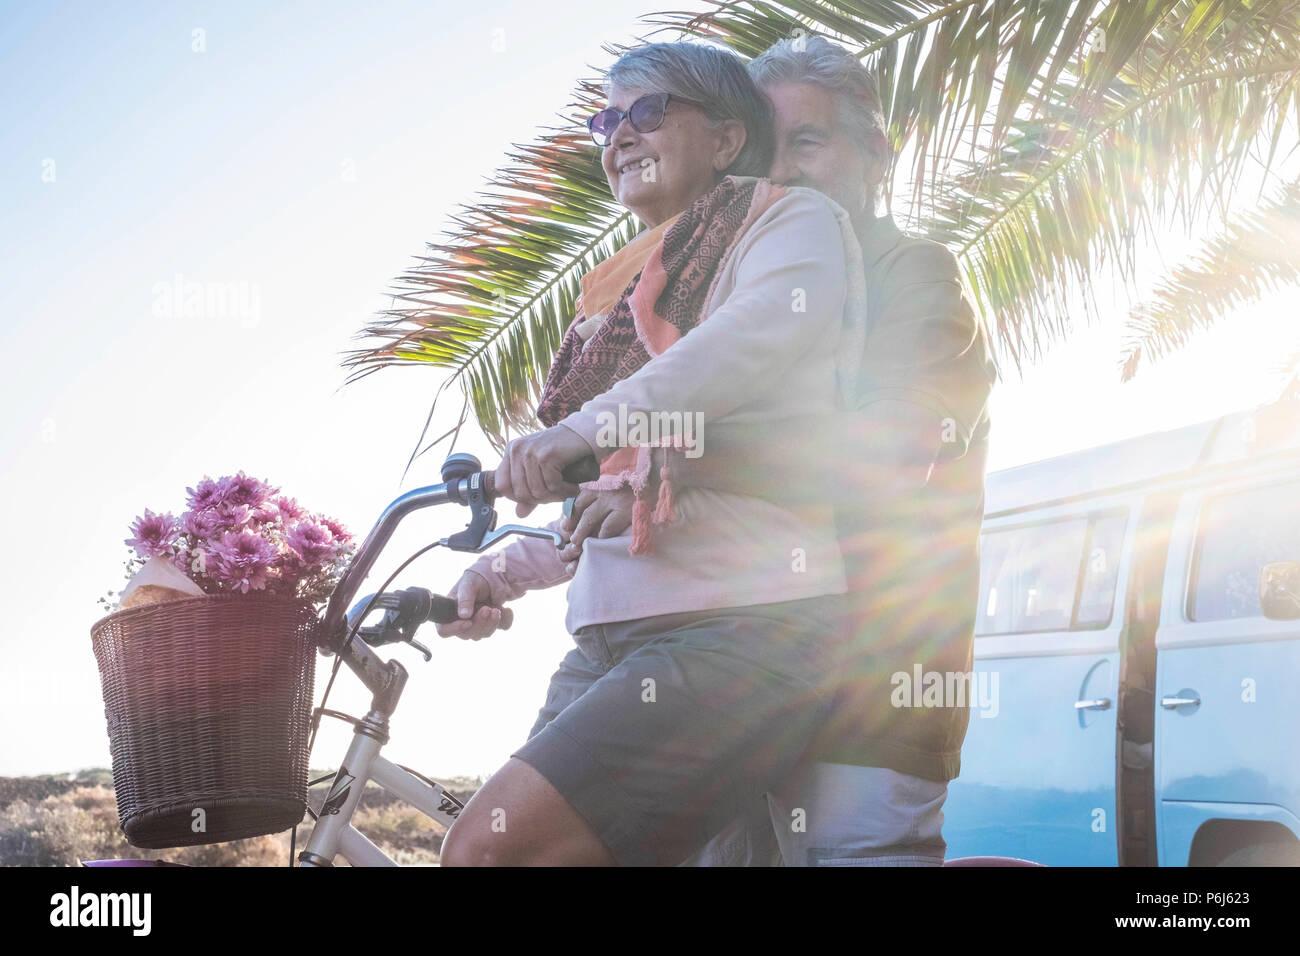 Ancianos senior pareja caucásica jugar y disfrutar de actividades de ocio al aire libre en vacaciones de estilo de vida. El hombre y la mujer se retiró ir en una bicicleta vintage como childre Imagen De Stock